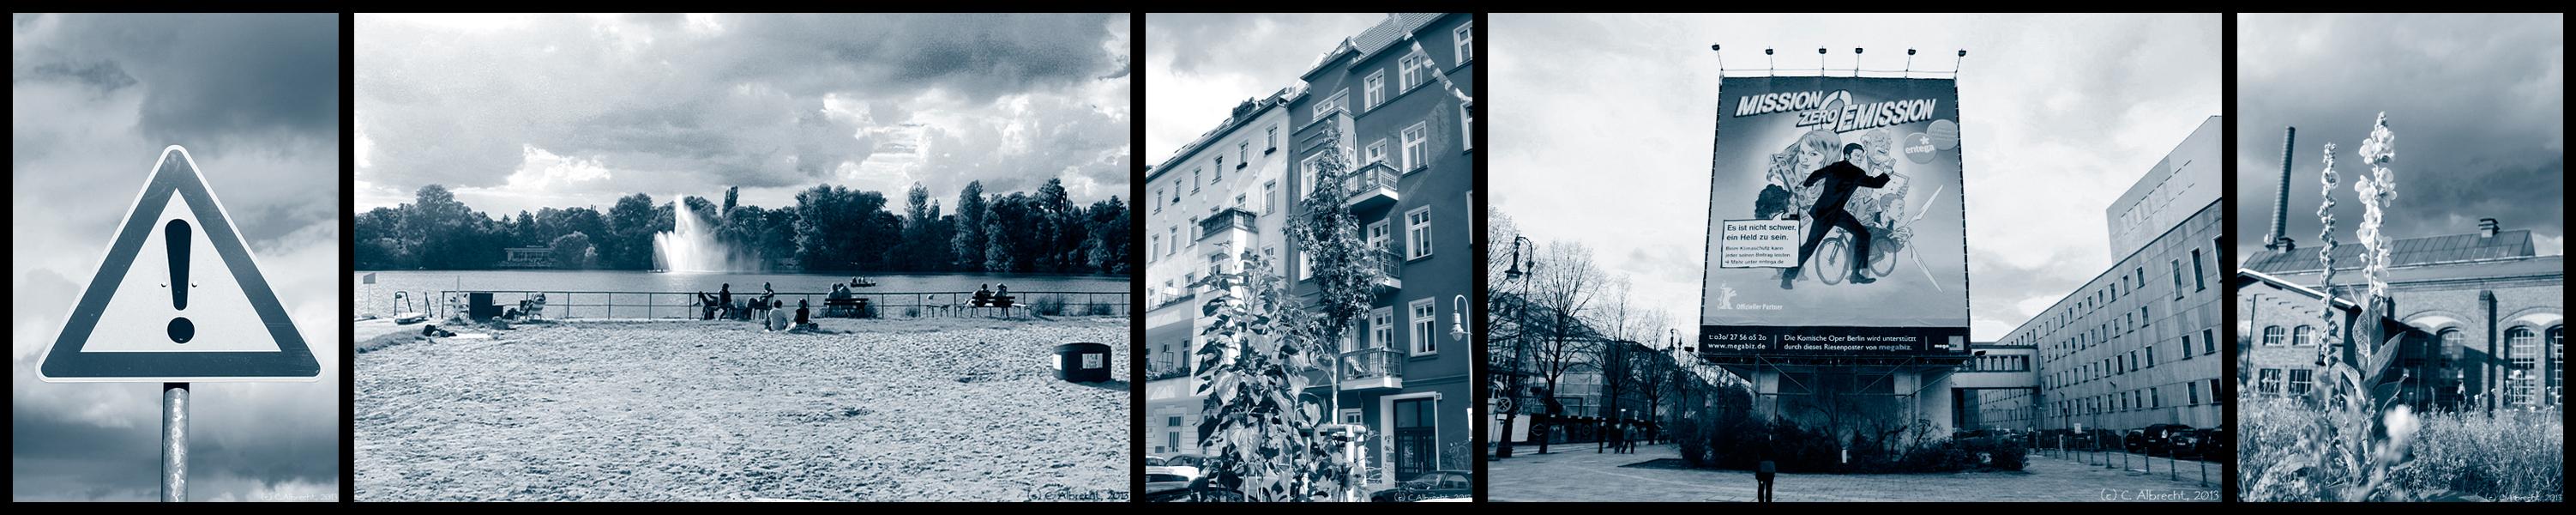 städtische Räume als Räume ökologischer und klimatologischer Funktionen